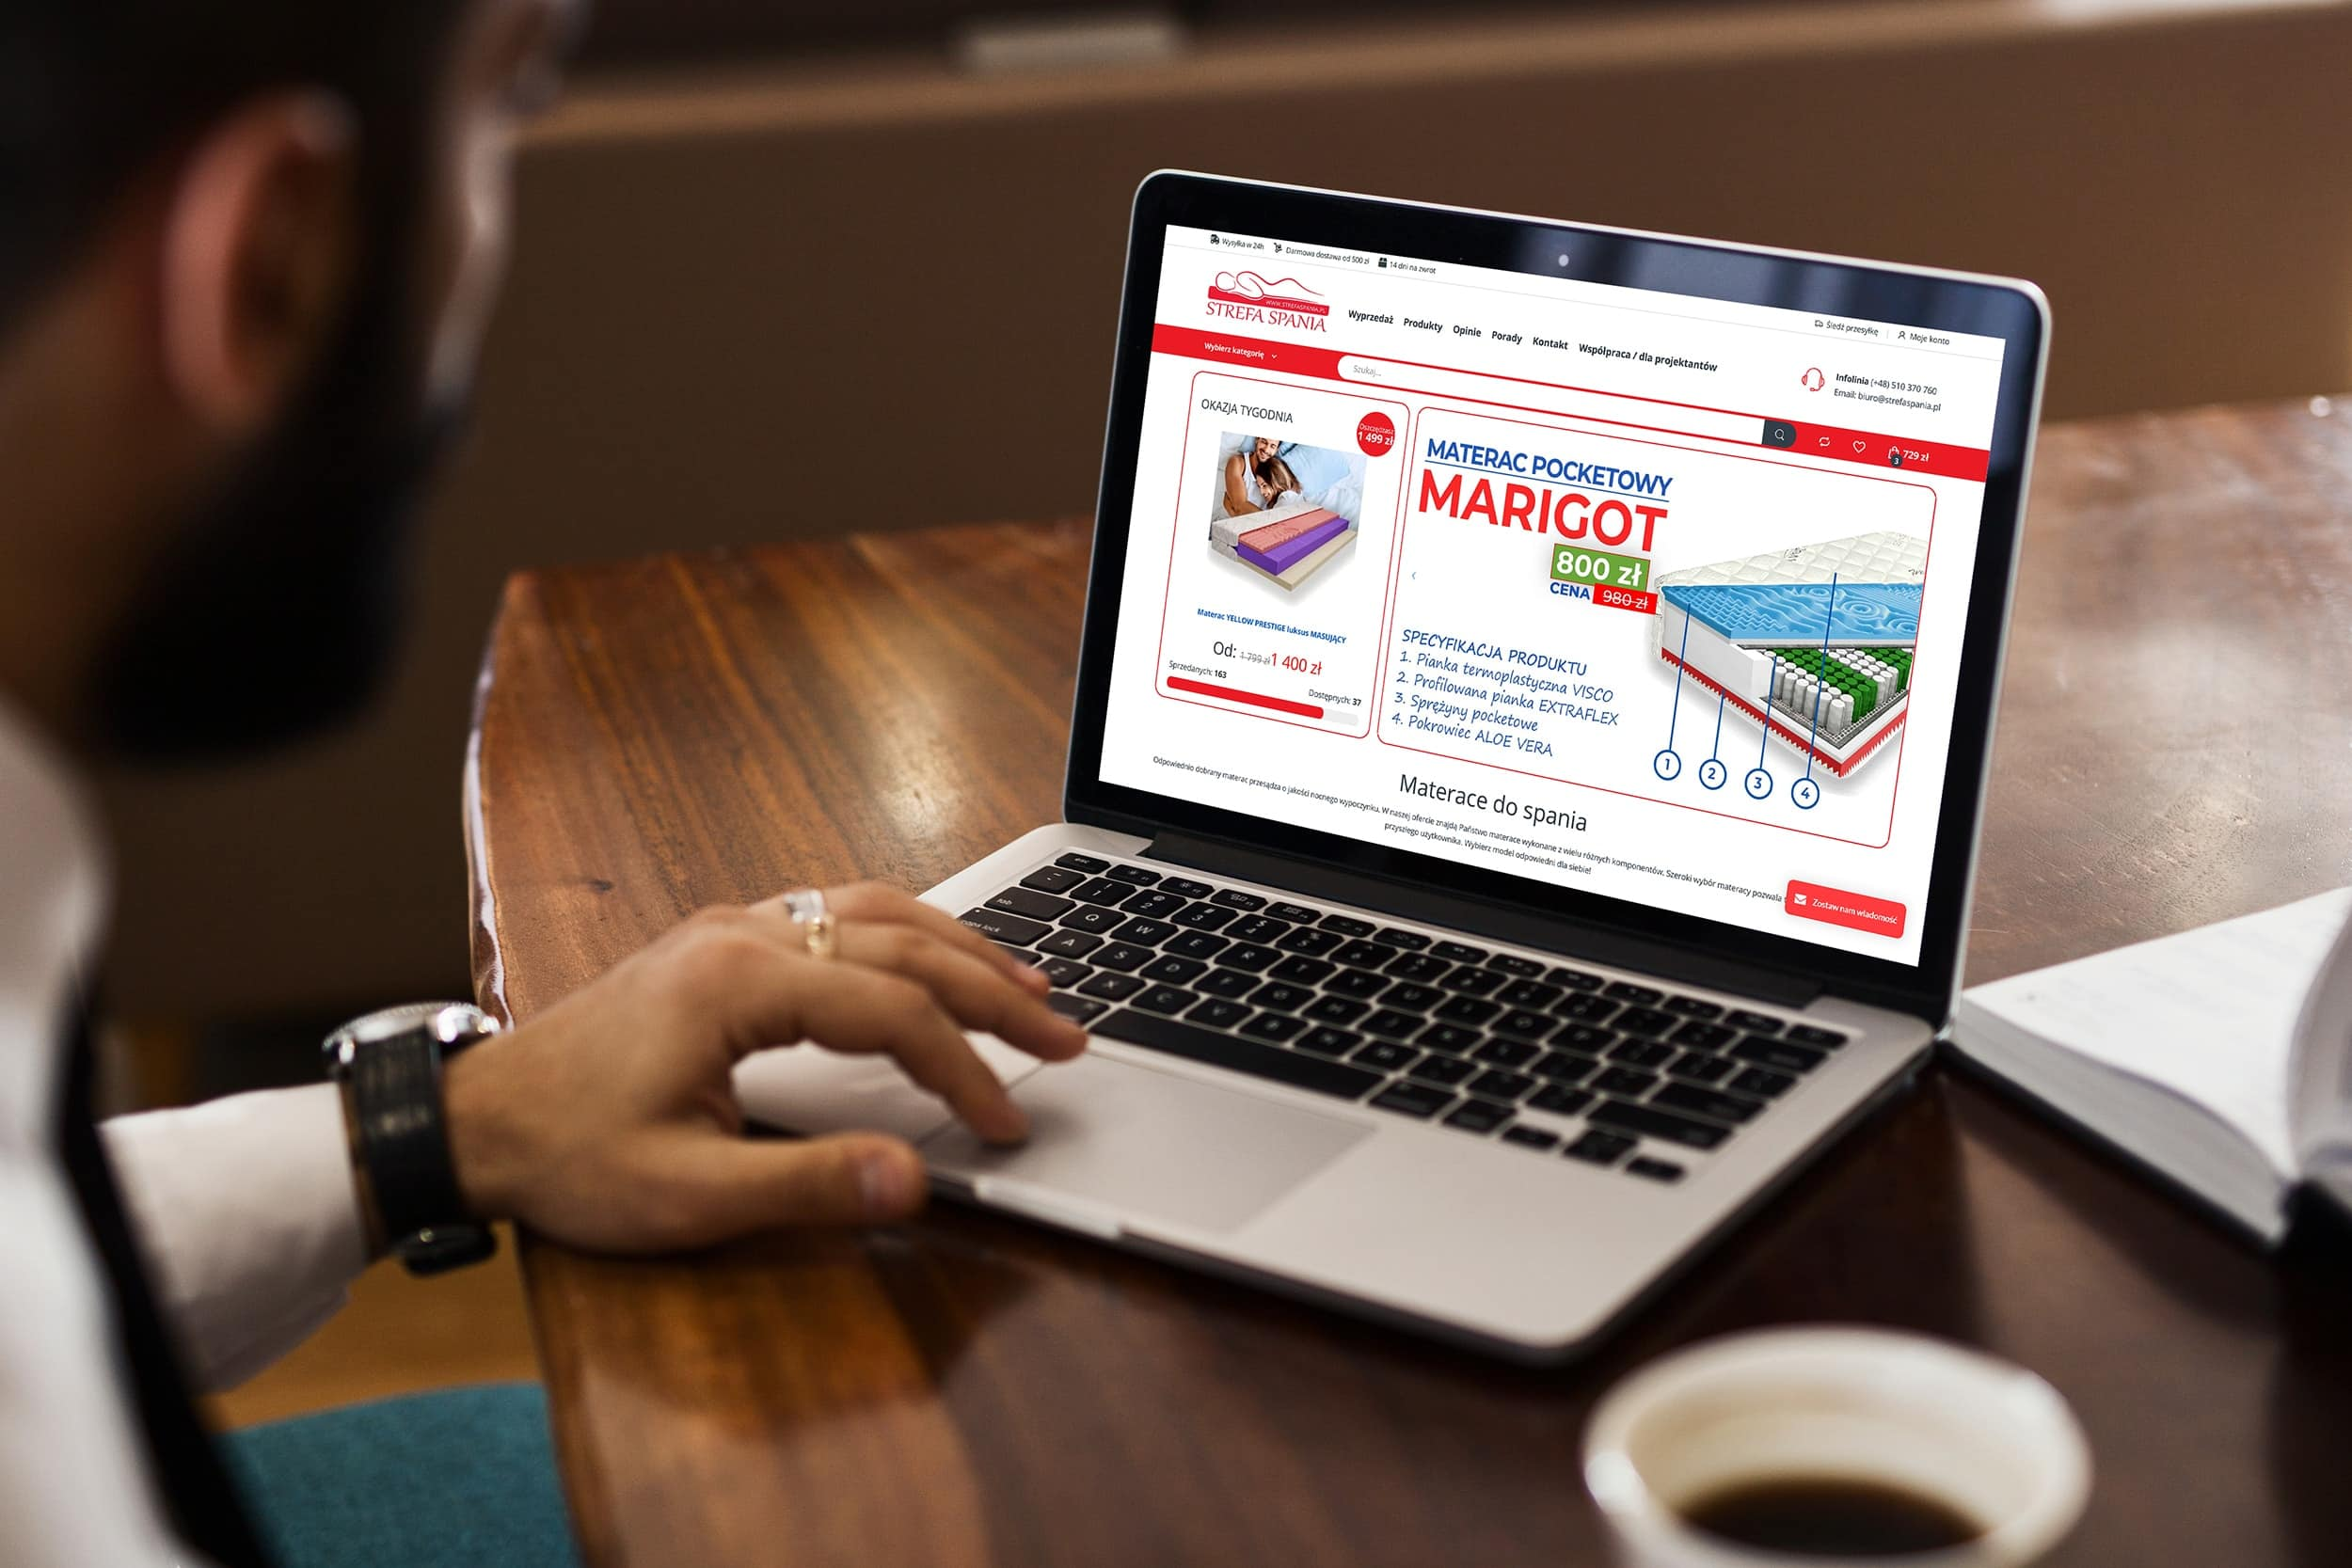 screenshot - sklep internetowy świat skarpet kalwaria zebrzydowska